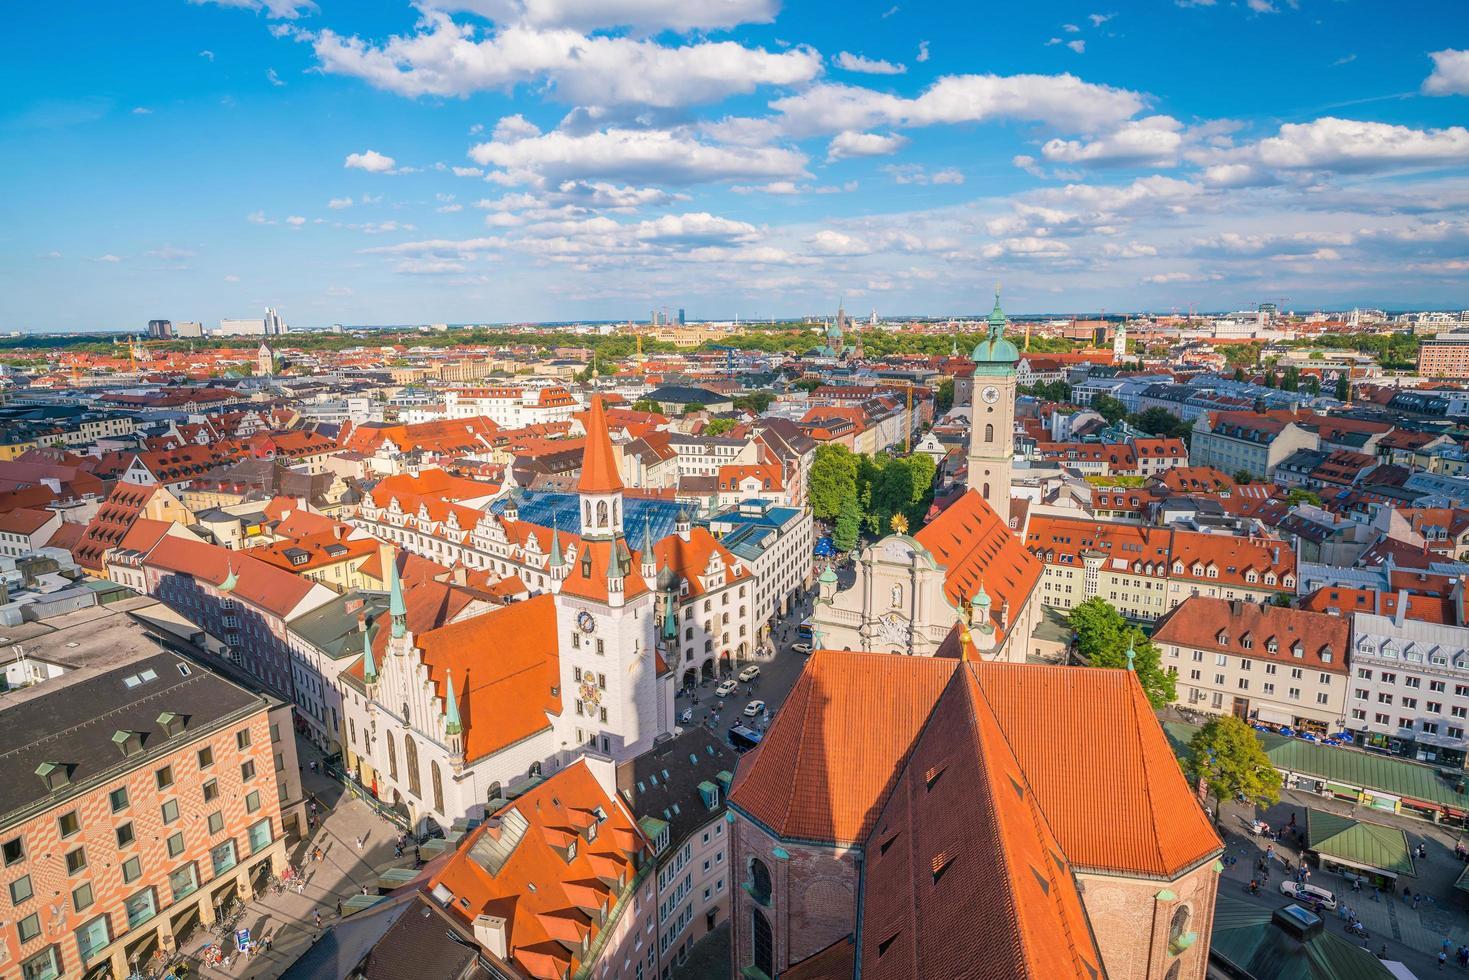 München panoramisch luchtfoto stadsgezicht foto